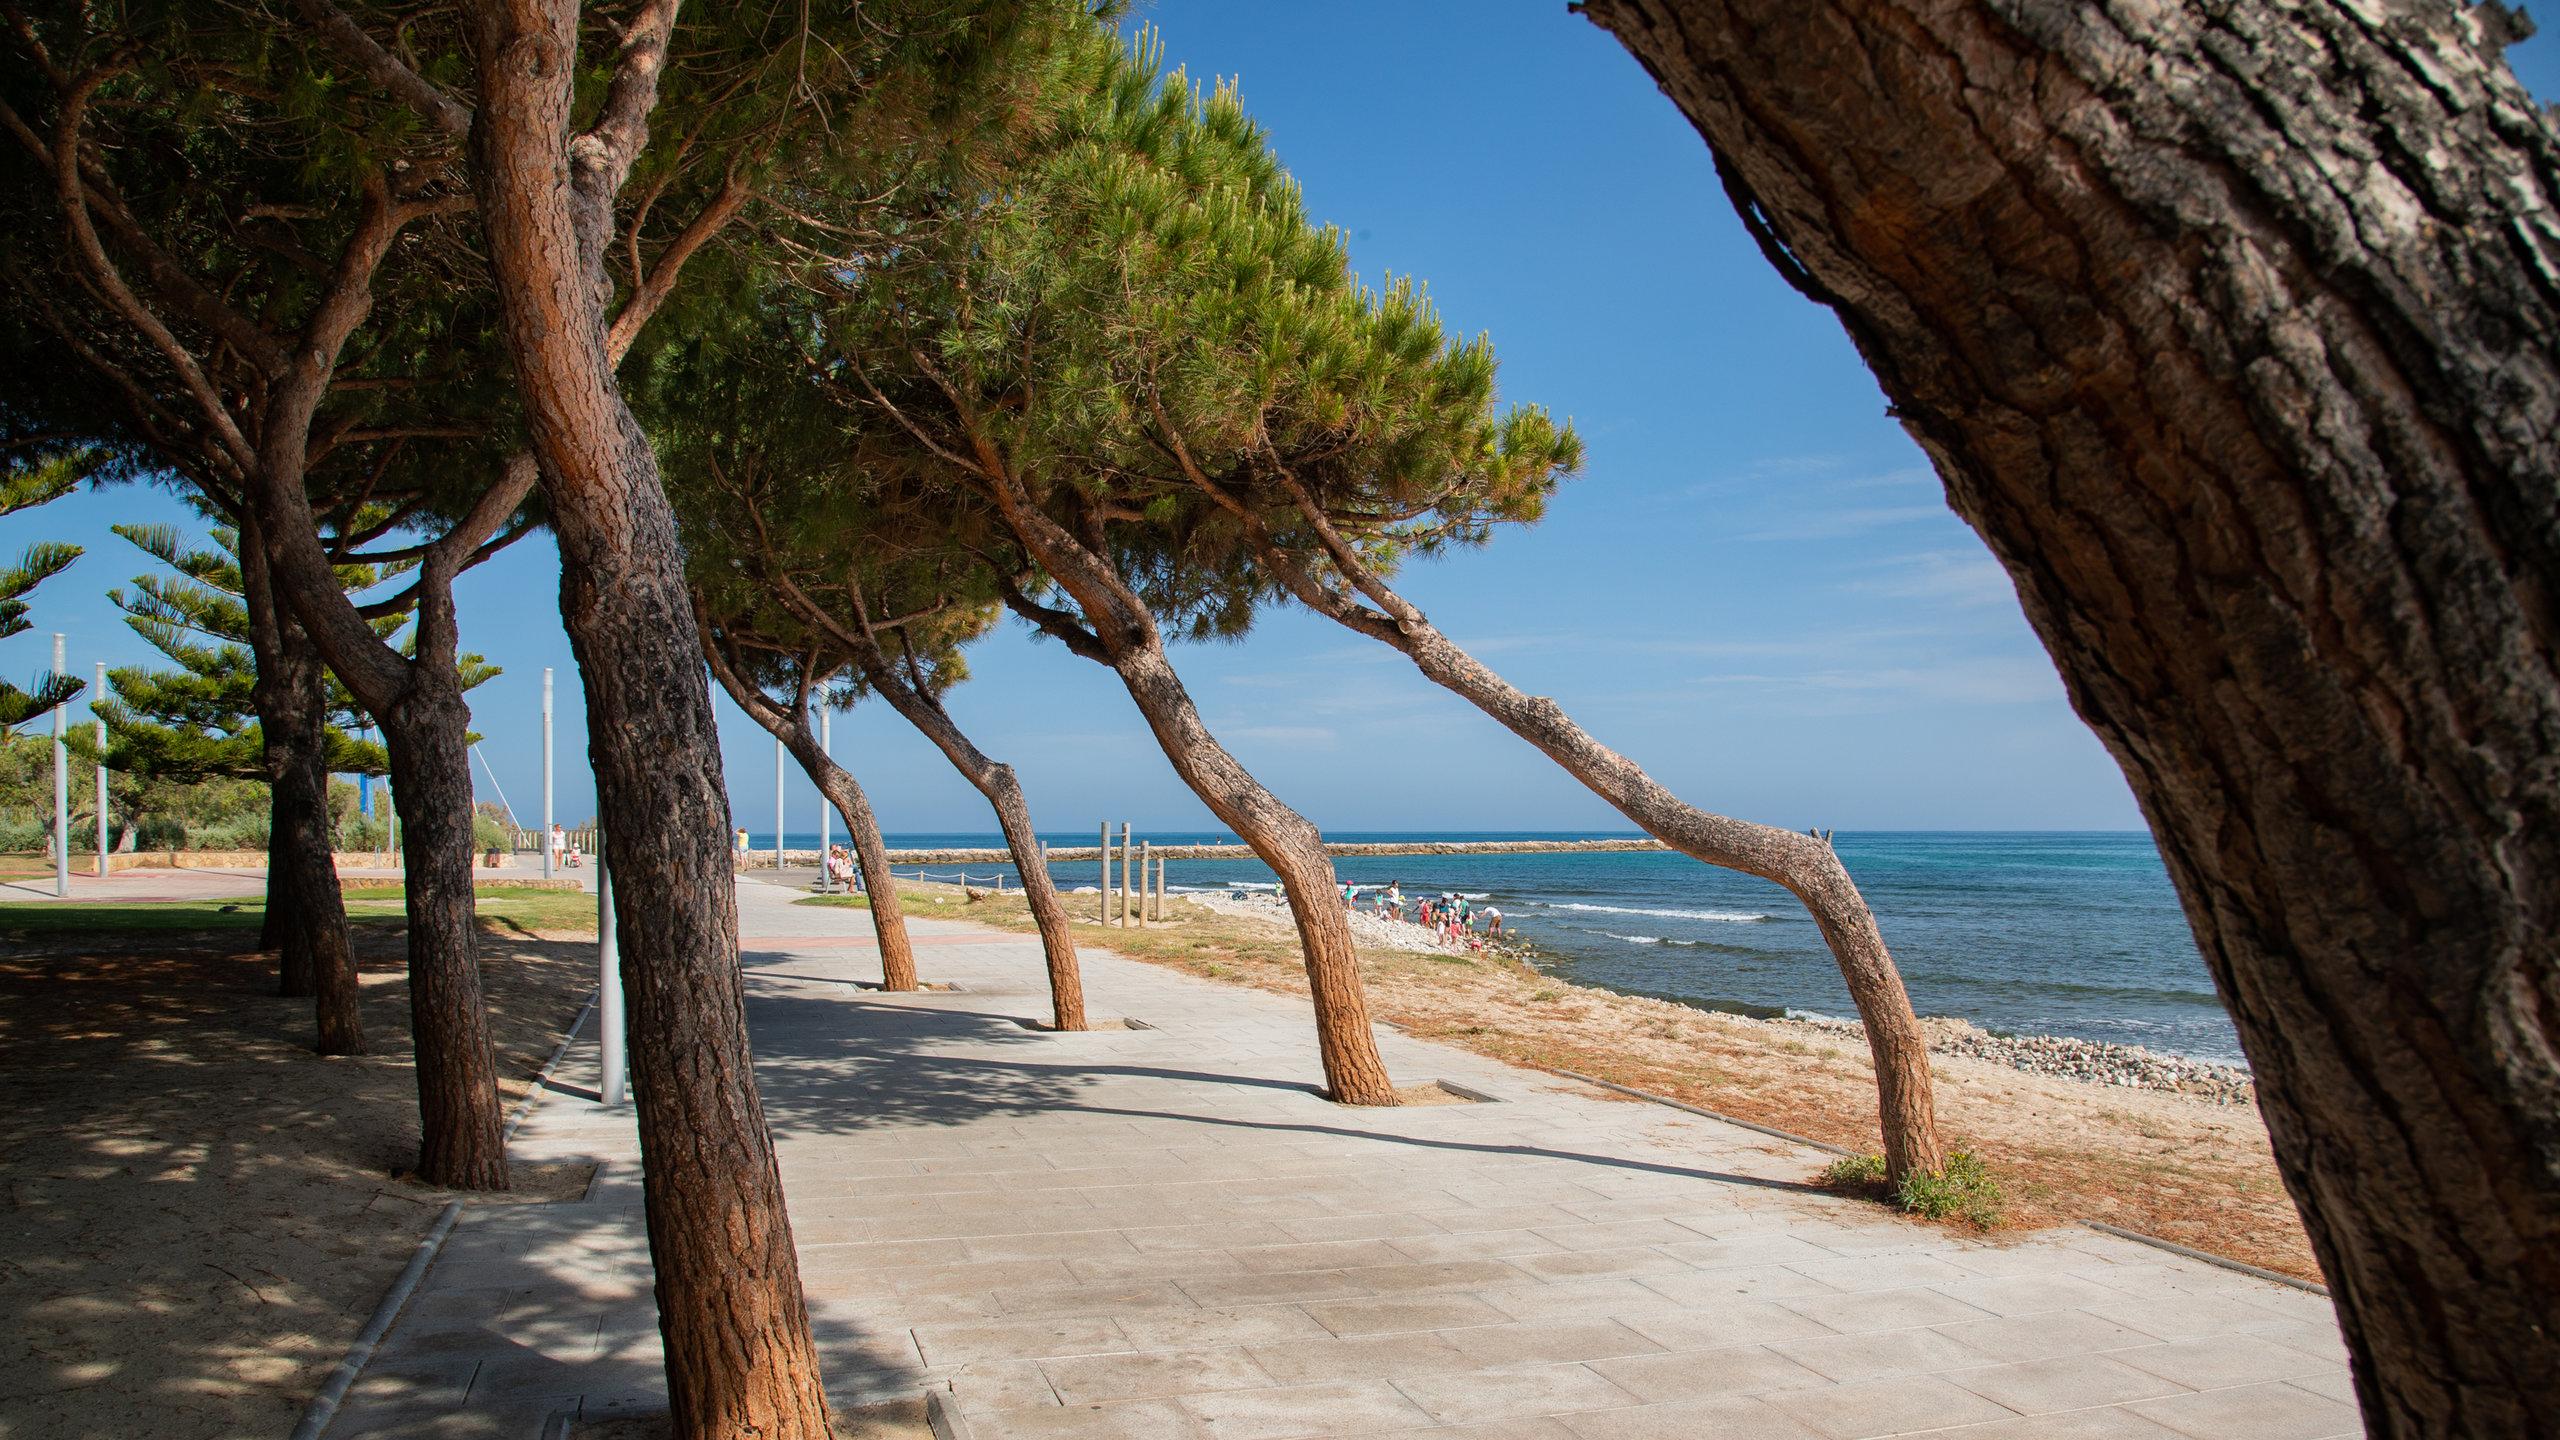 Strand von Cambrils, Cambrils, Katalonien, Spanien